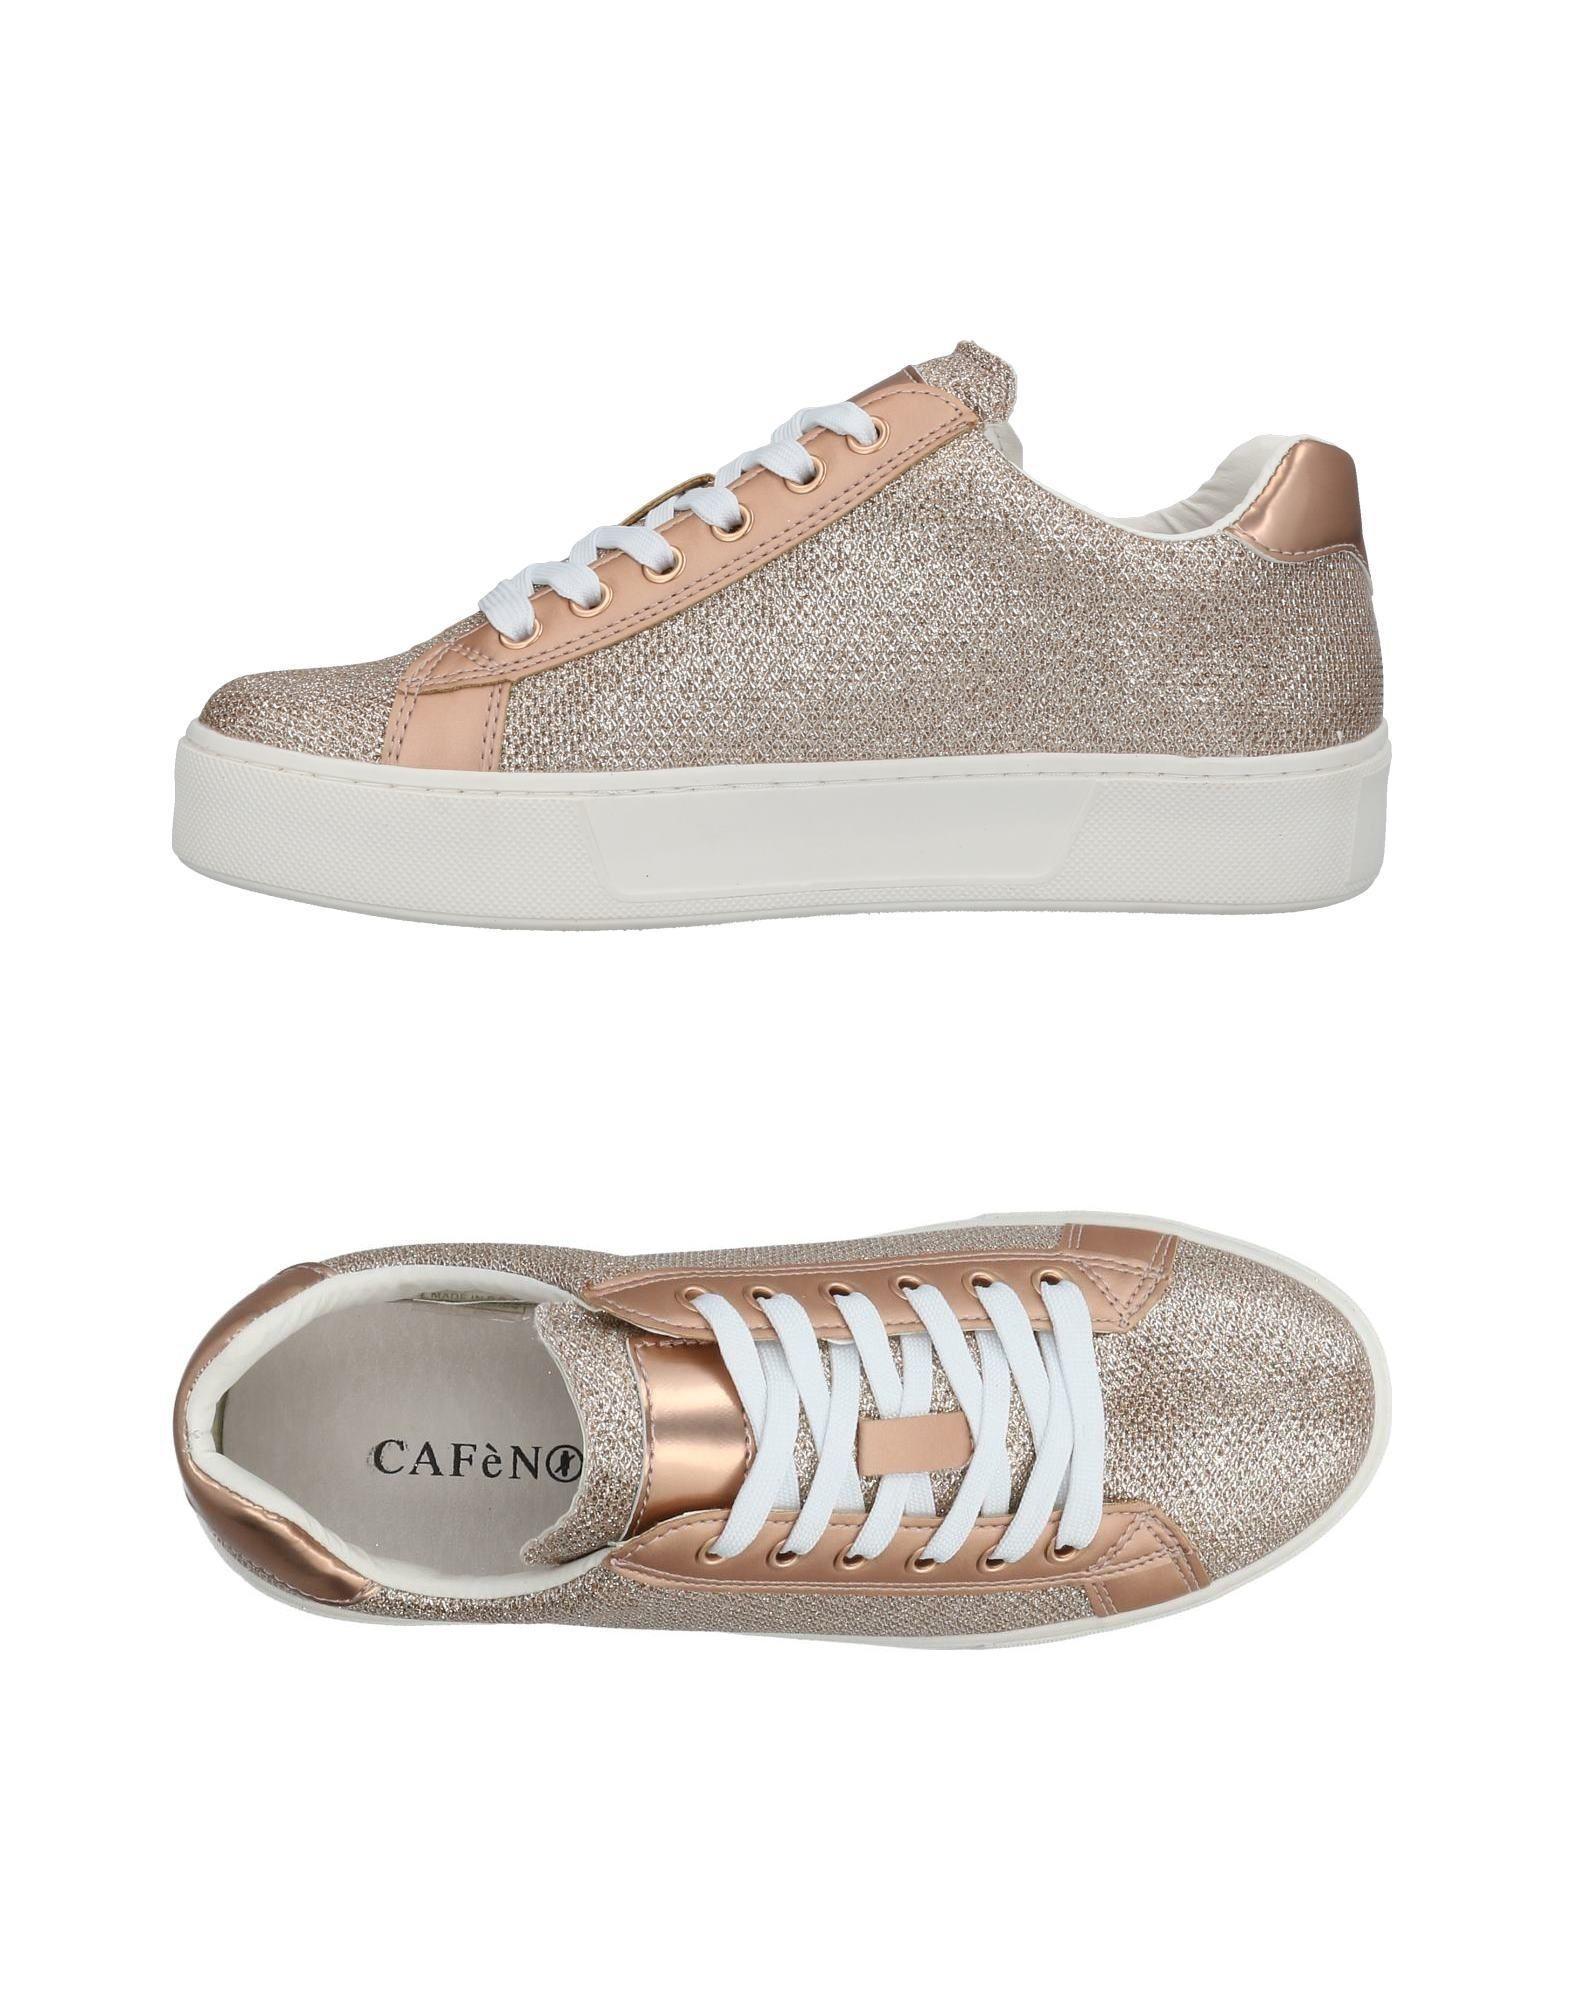 FOOTWEAR - Low-tops & sneakers Cafènoir 0m4PB